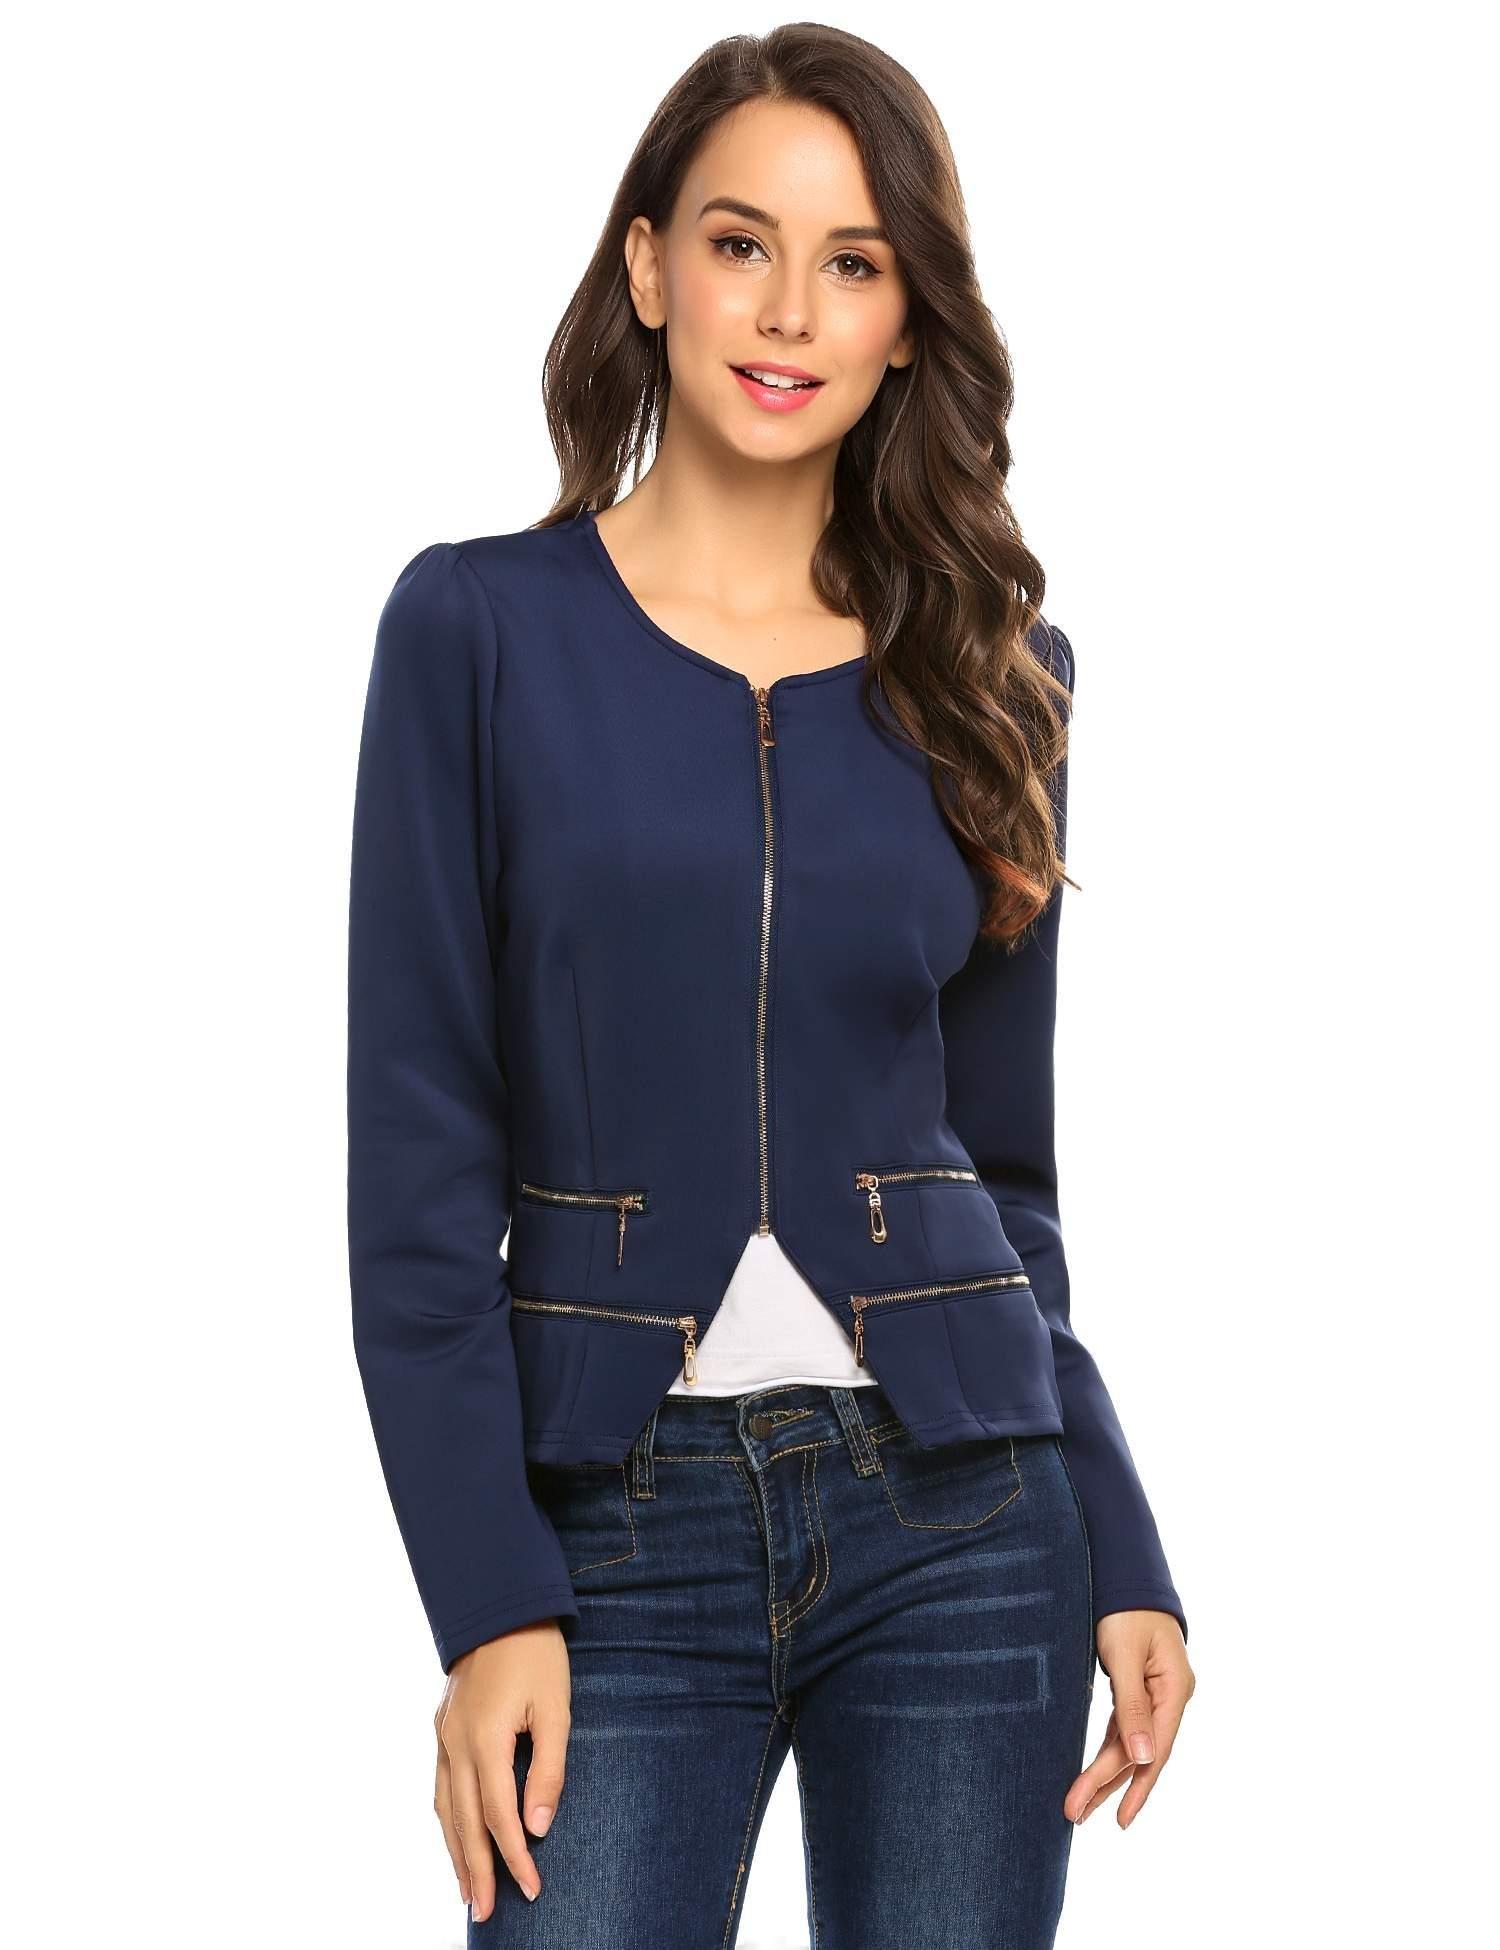 Zeagoo Women's Casual Zipper Cardigan Blazer O Neck Slim Fitted Office Jacket (L, Navy Blue) by Zeagoo (Image #5)